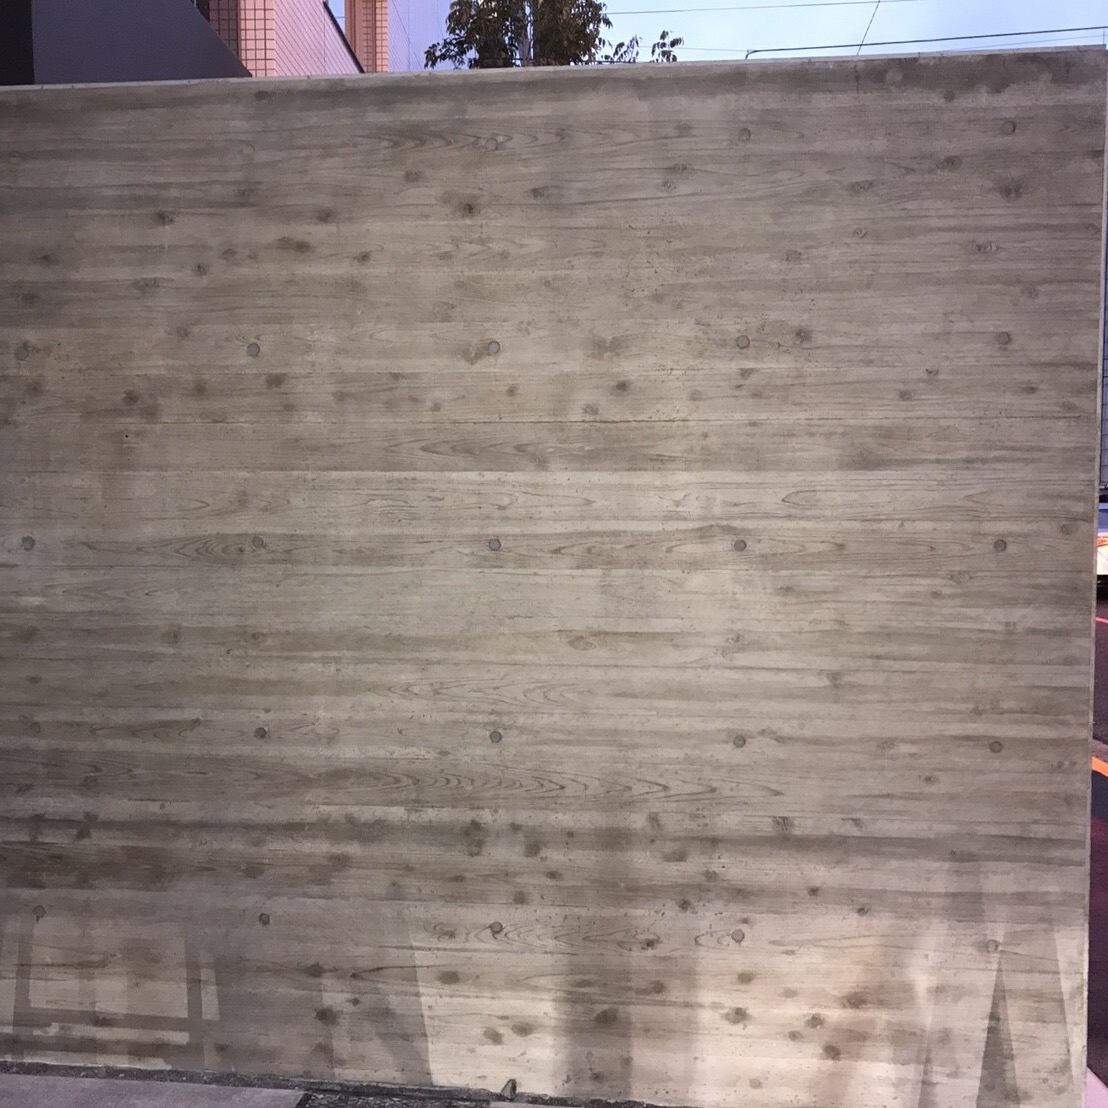 東京都コンクリート杉板模様エアあばた補修工事